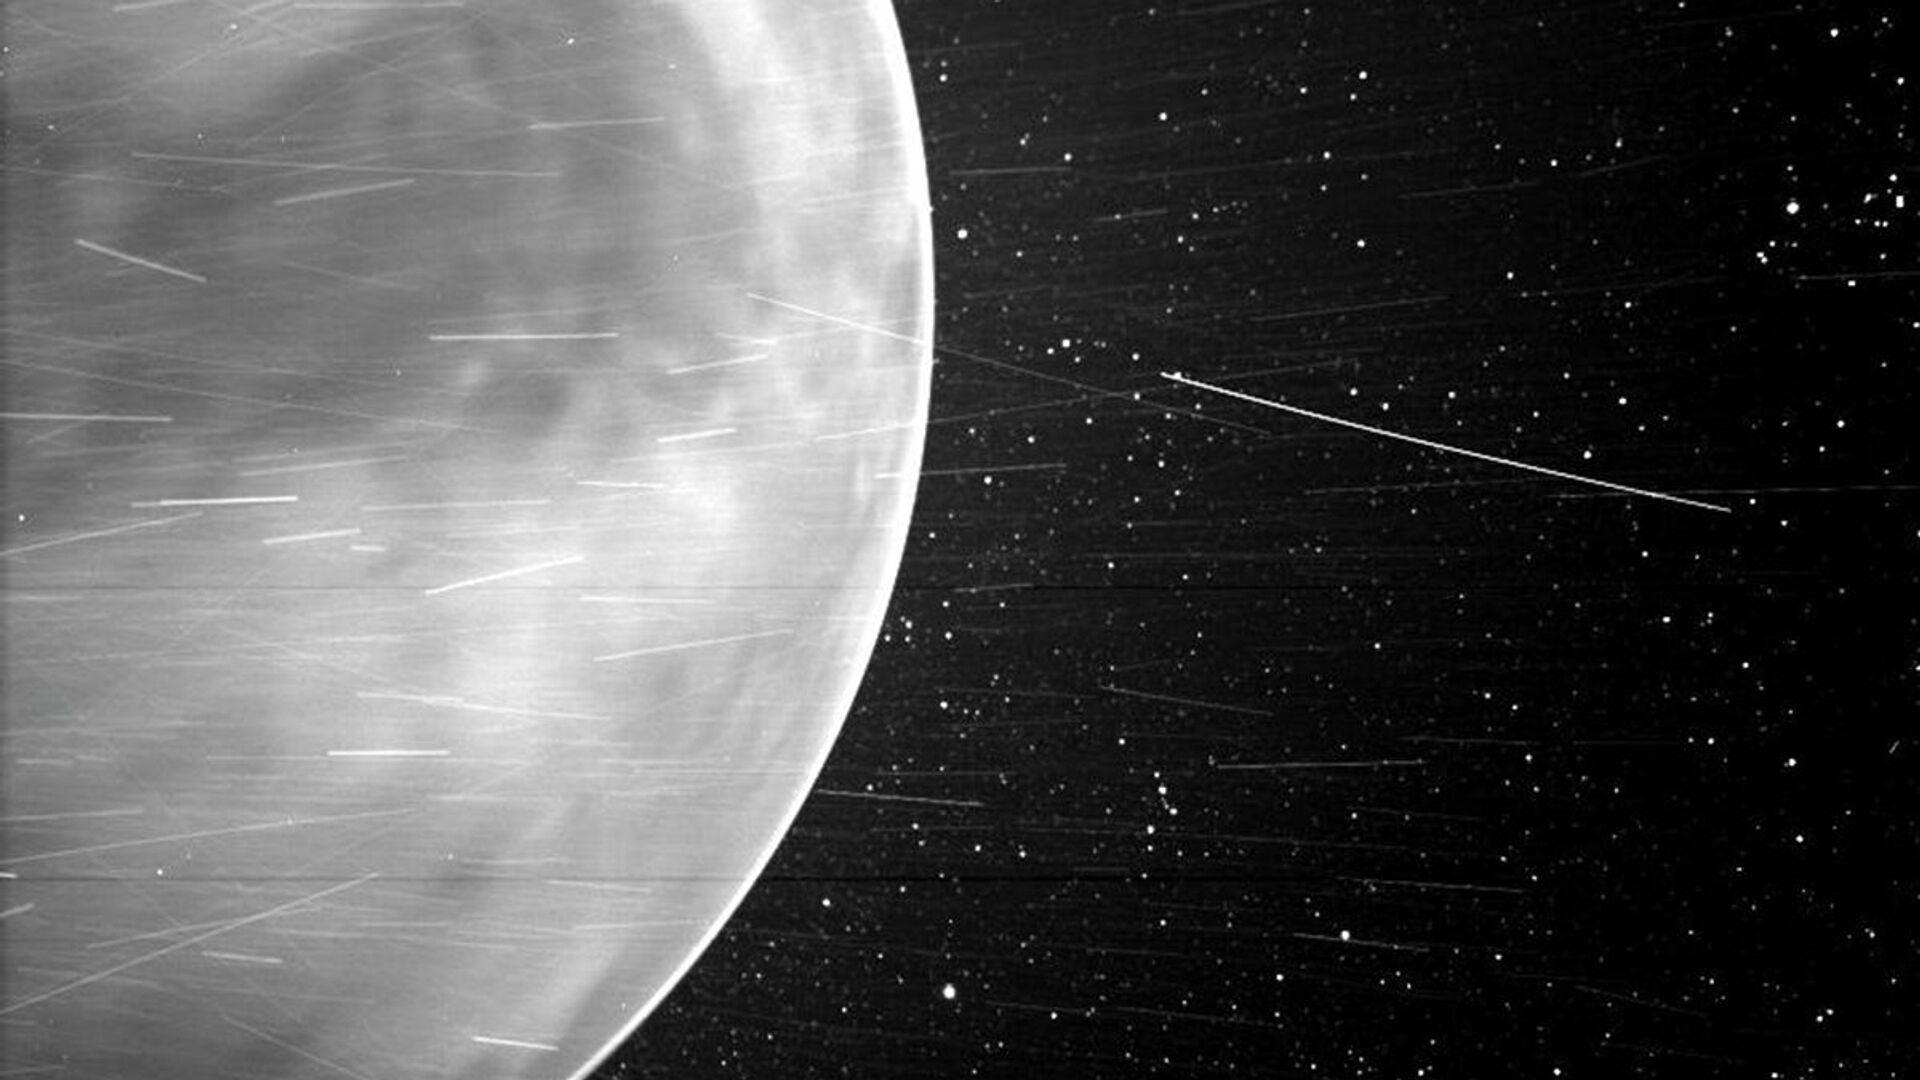 Během těsného průletu nad Venuší v červenci 2020 zachytila sluneční sonda Parker úchvatné výhledy na planetu a ukázala části jejího povrchu. Poprvé se podařilo zachytit na snímku noční záři v atmosféře Venuše. - Sputnik Česká republika, 1920, 25.02.2021